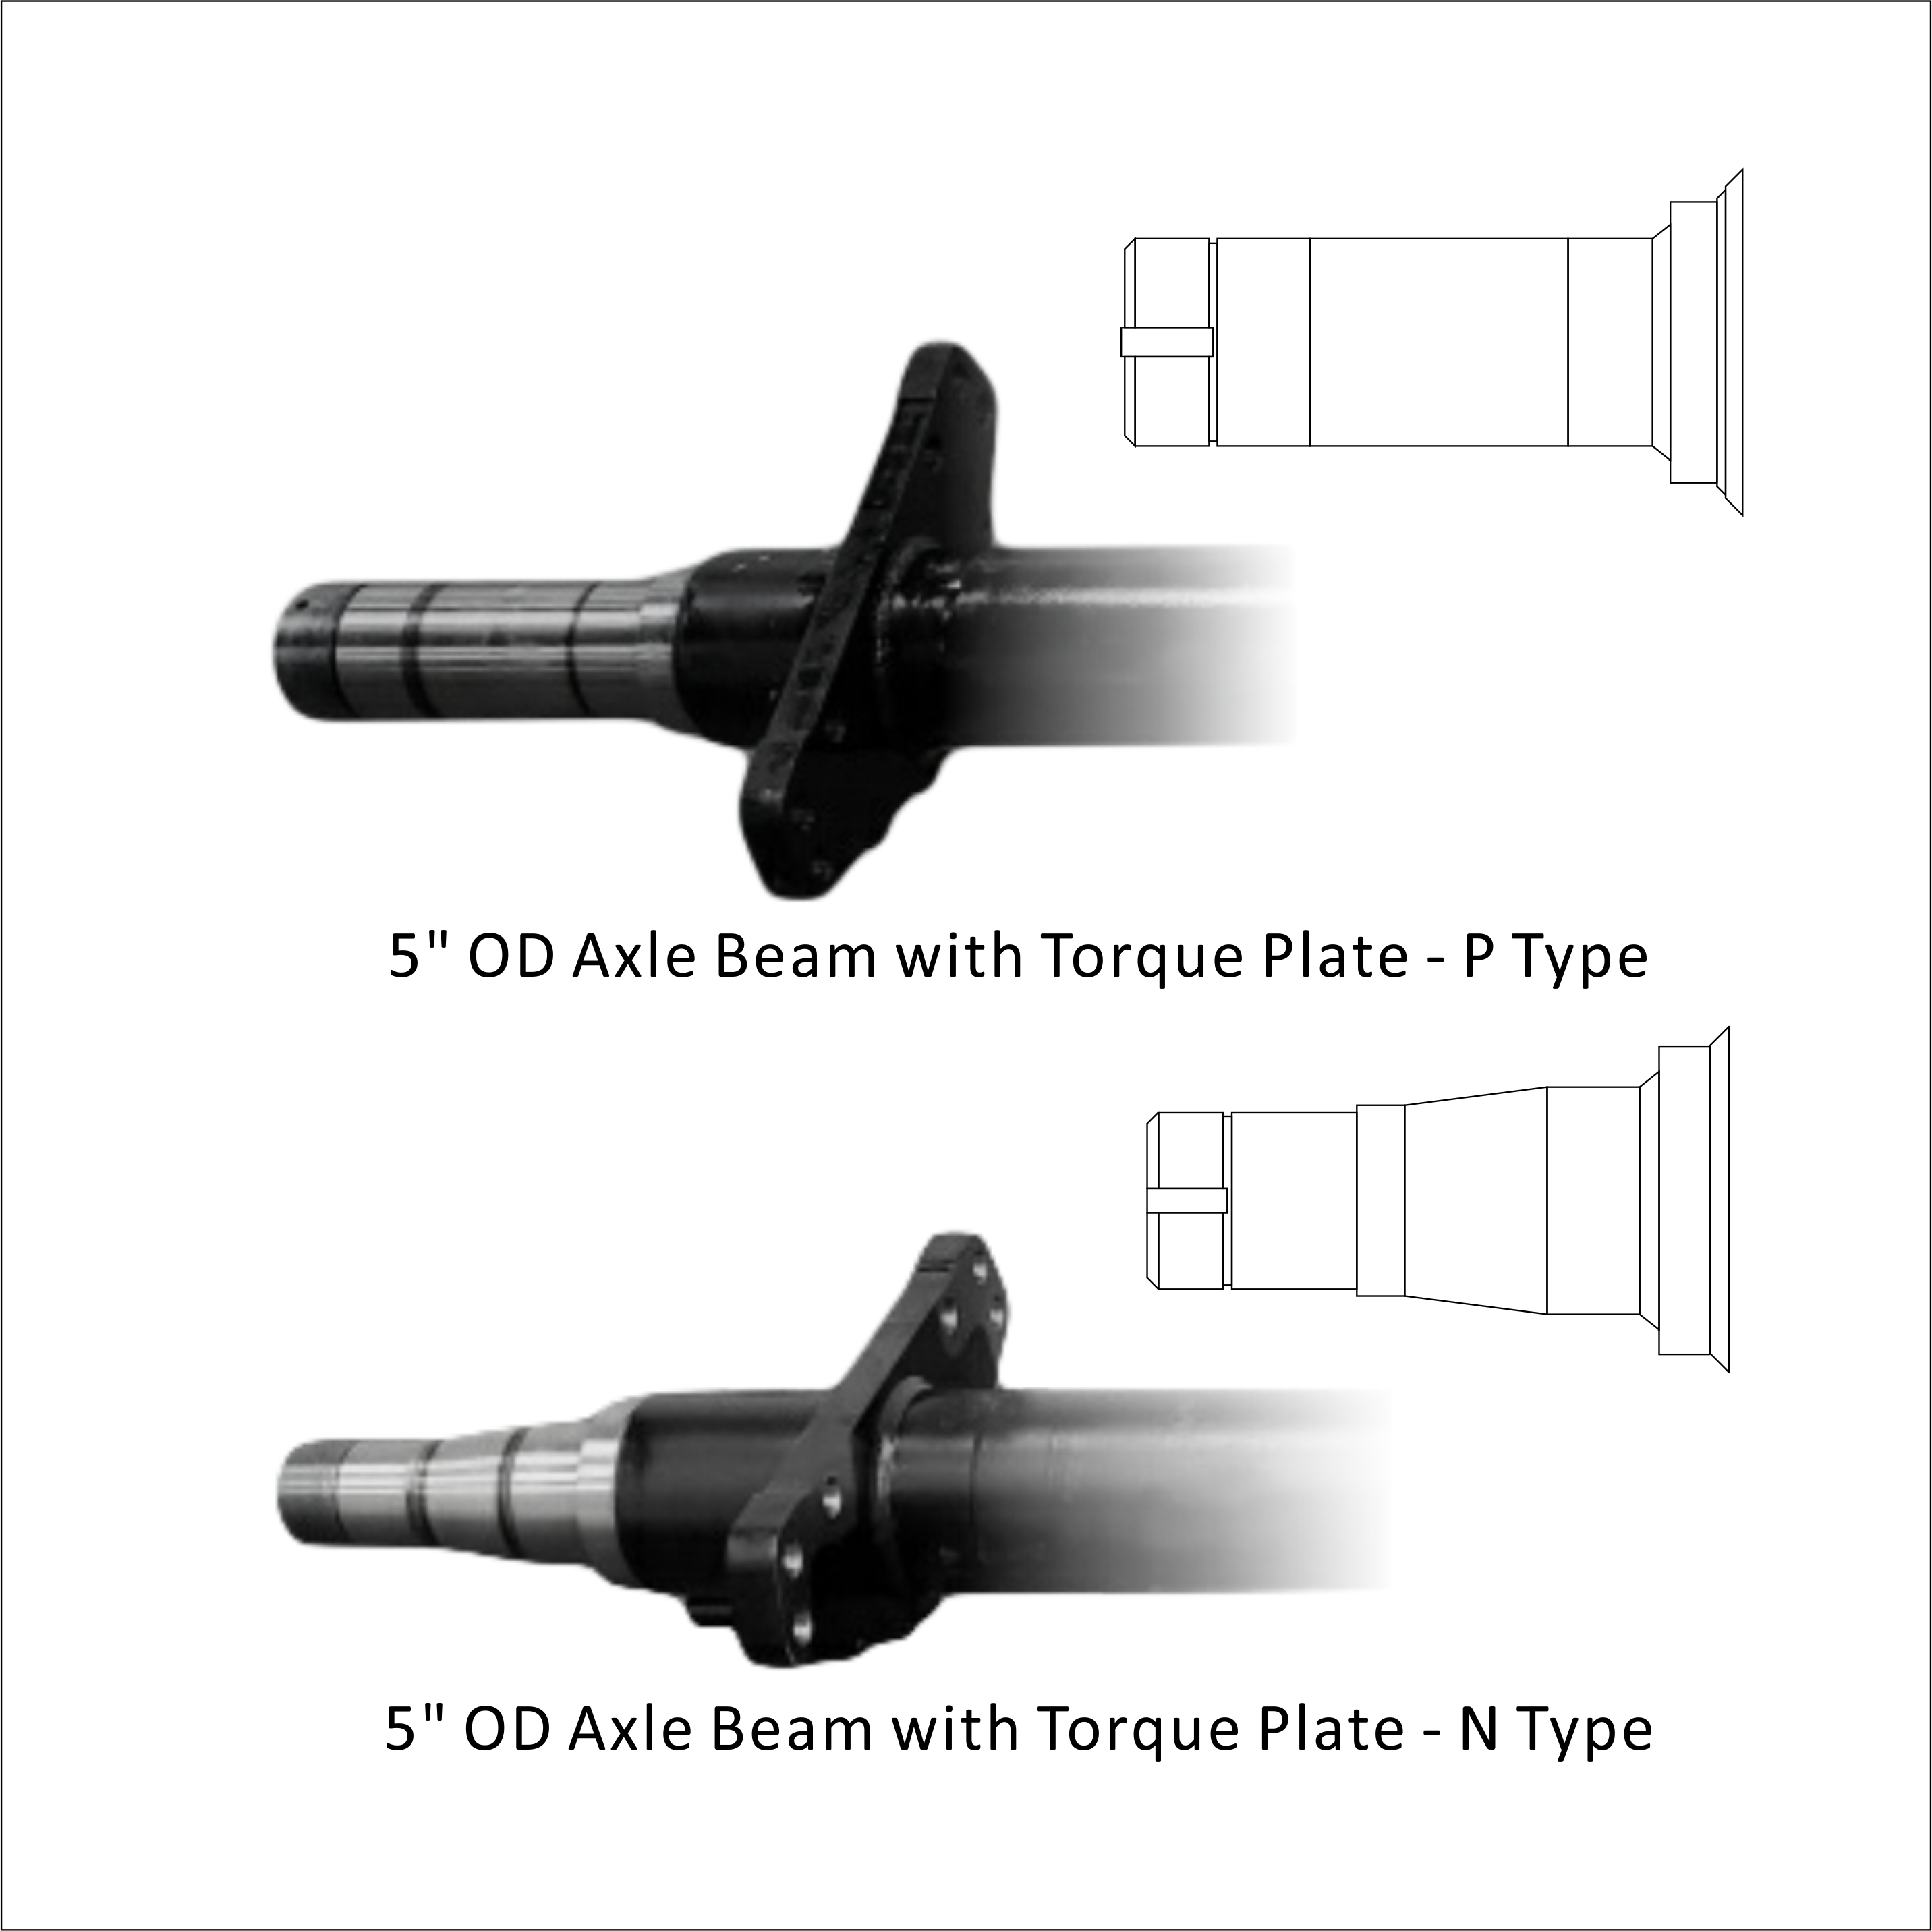 Axle Beam